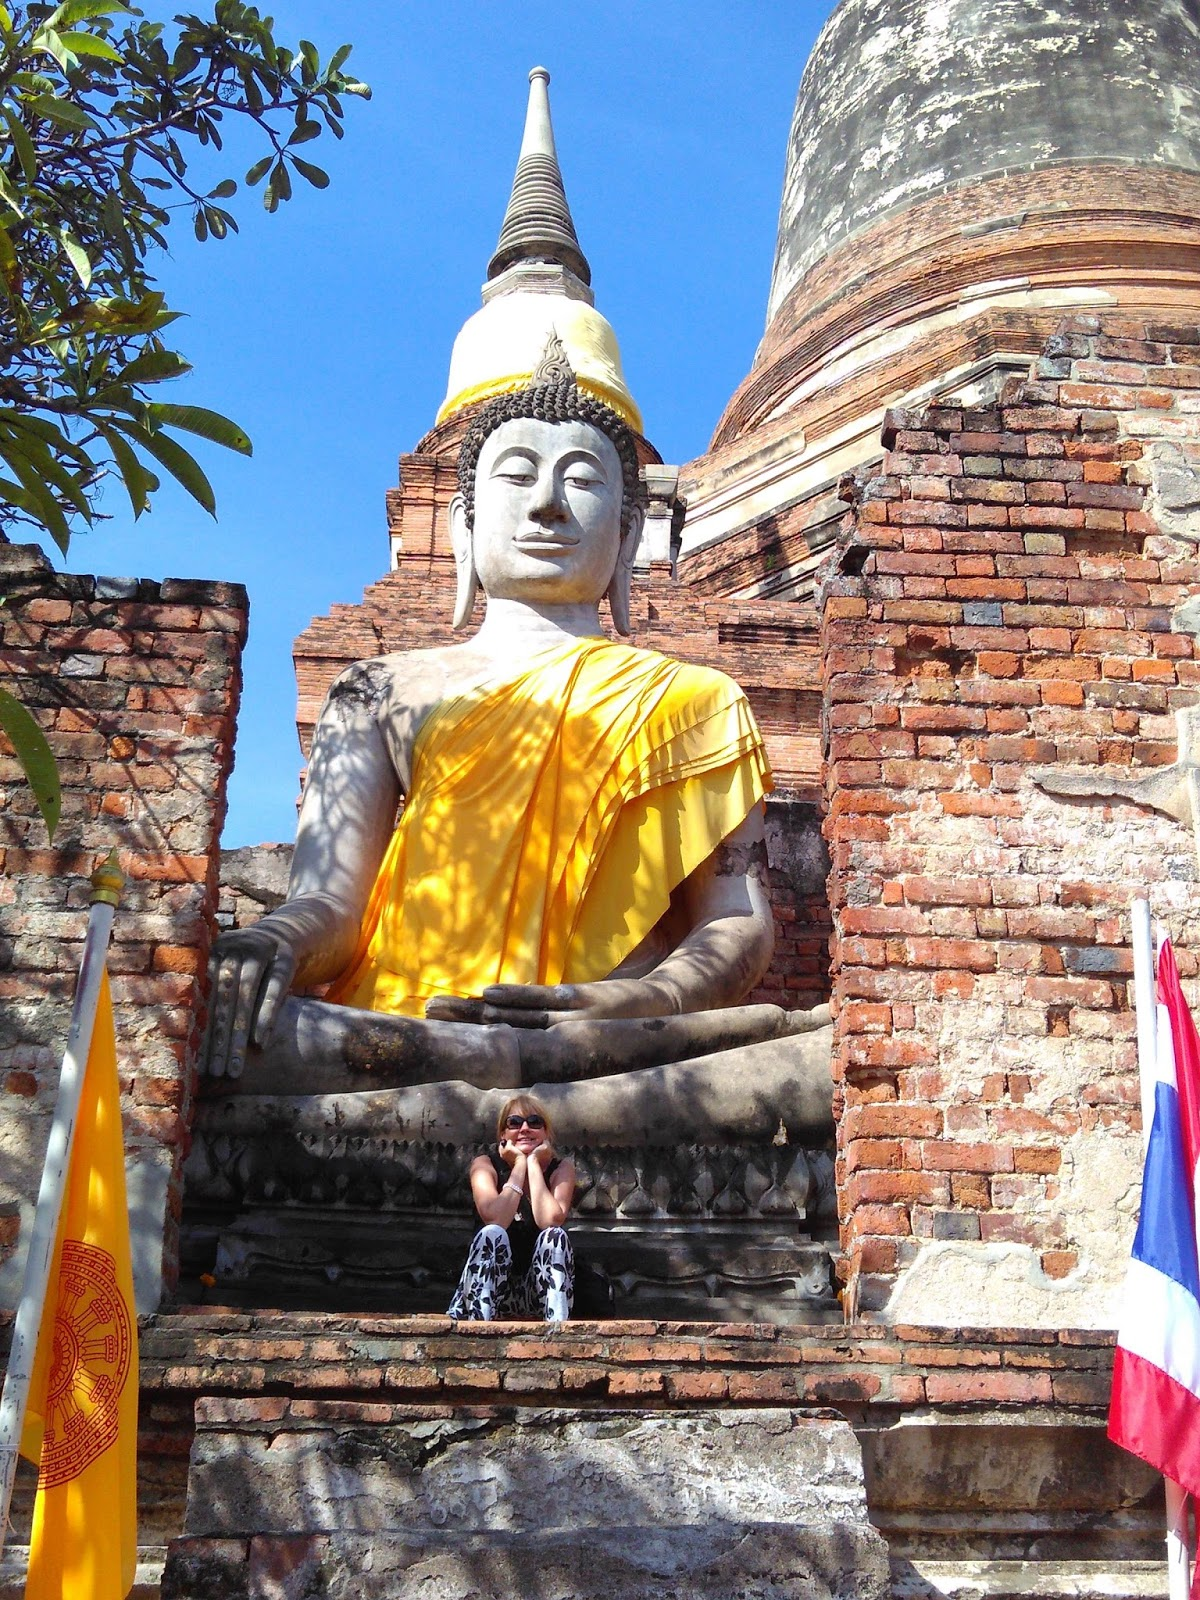 Phra Chedi Chaimongkhon